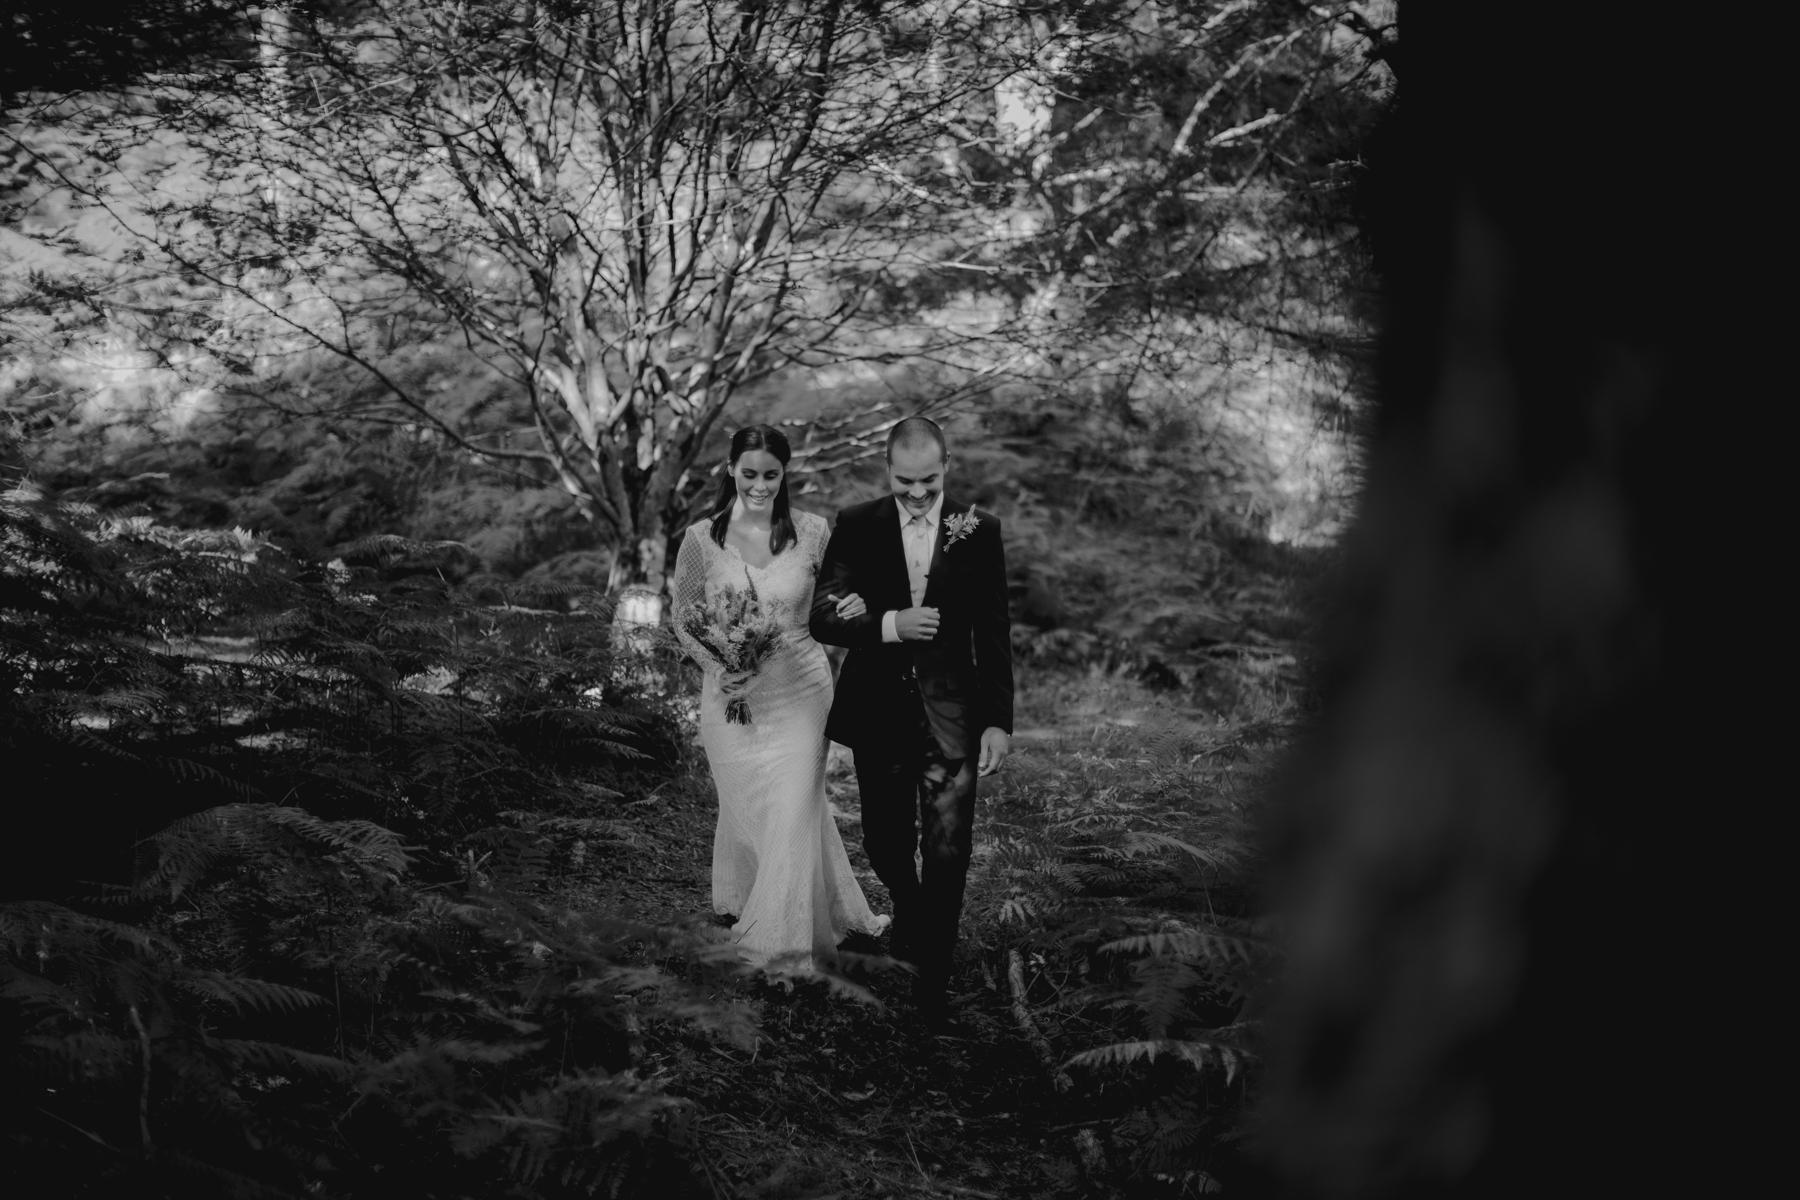 苏格兰婚礼摄影师| 森林地代替了这位新娘的过道